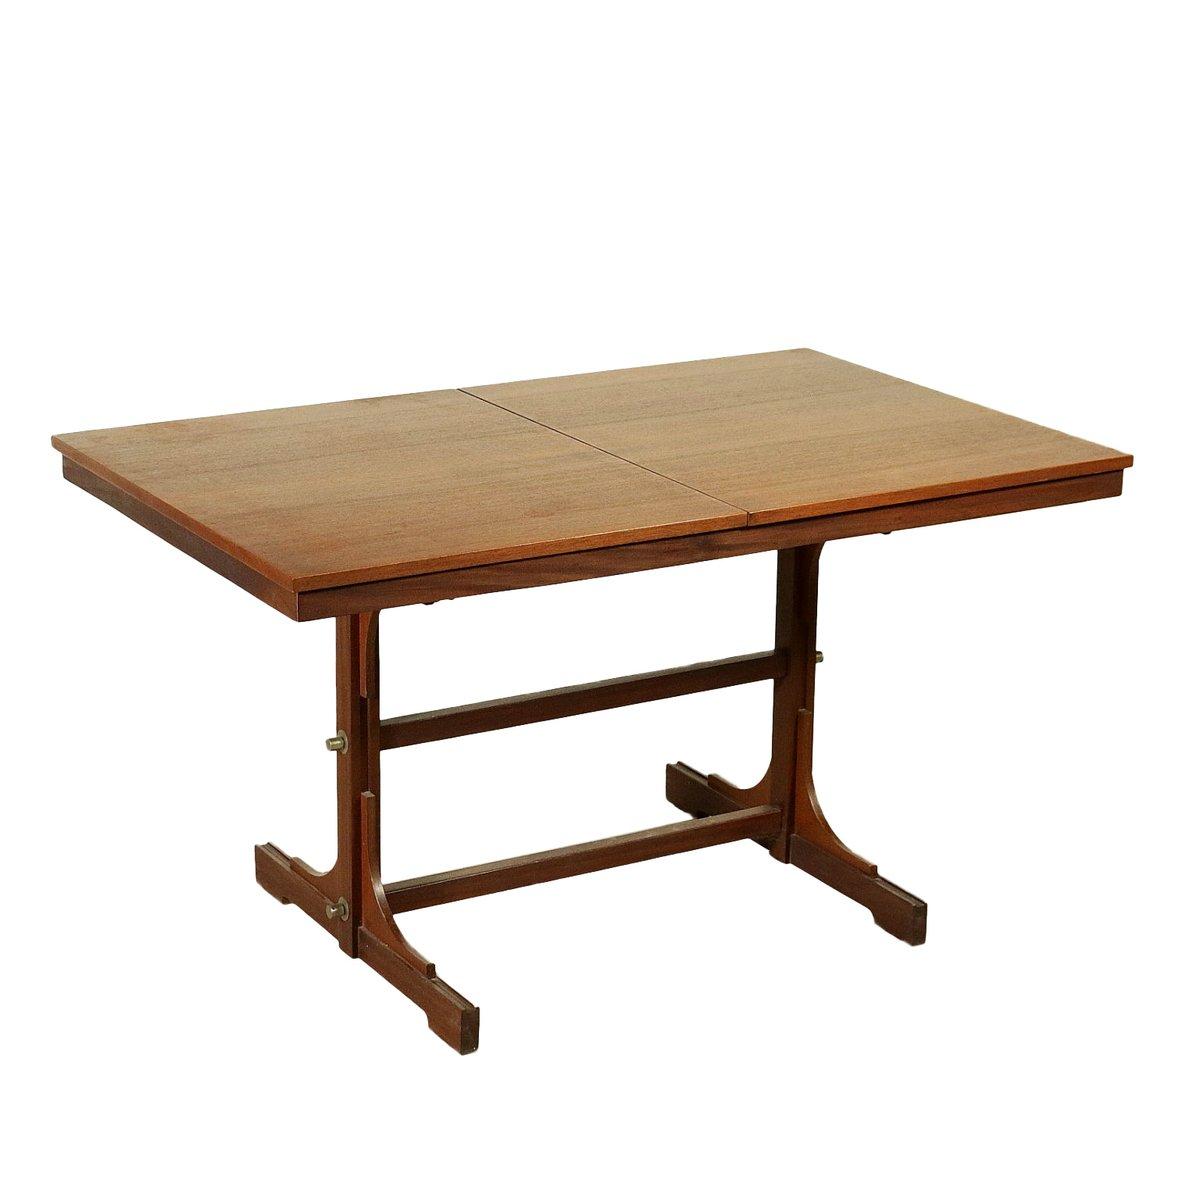 italian wood furniture. Italian Teak Veneer \u0026 Solid Wood Extendable Dining Table, 1960s Furniture